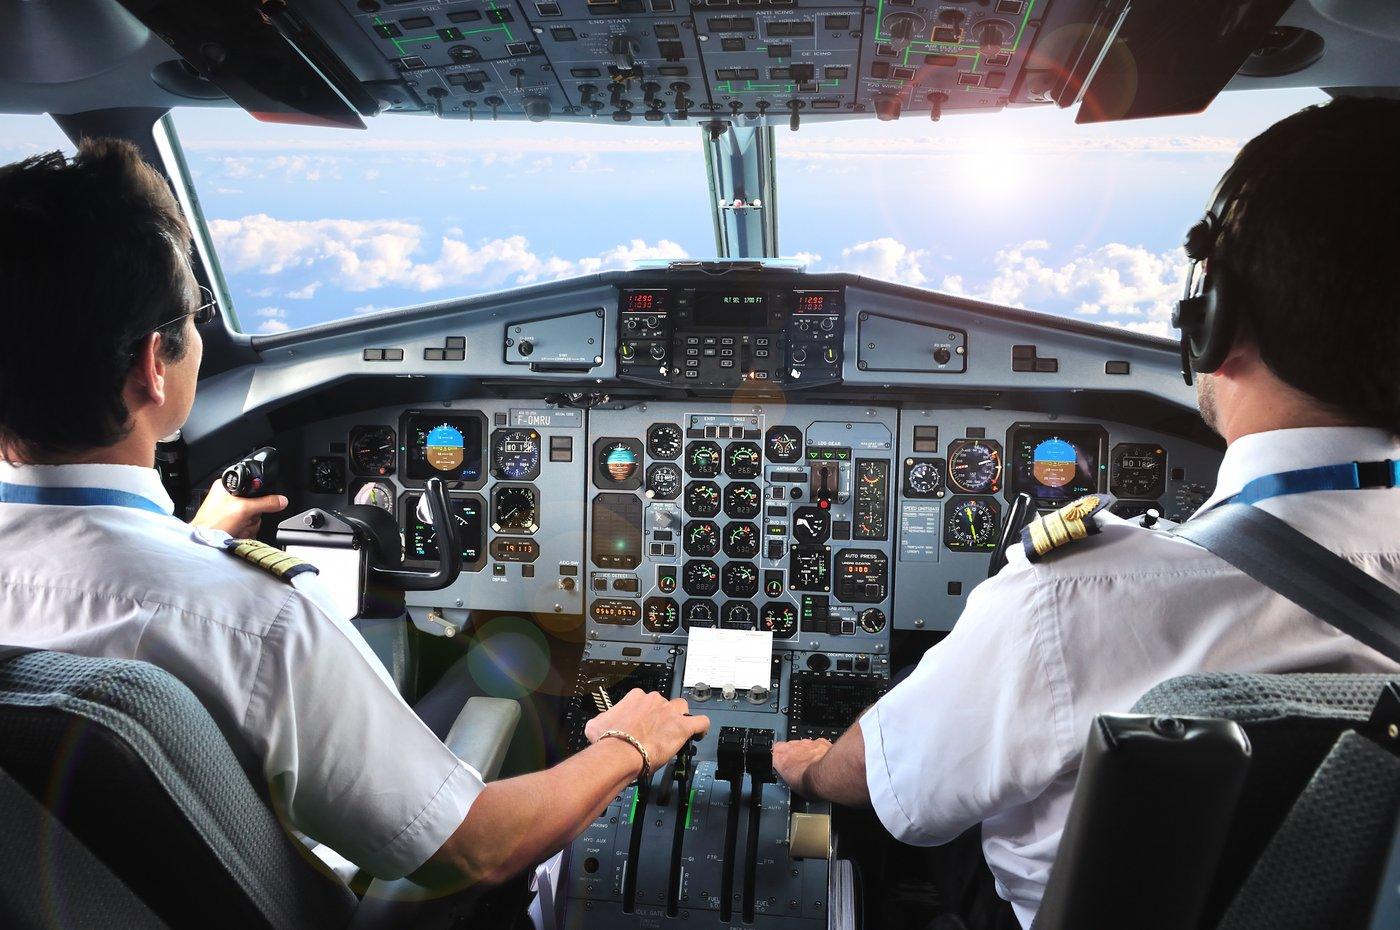 كم يتقاضى الطيارون شهريا اقتصاد عربي ودولي الإمارات اليوم